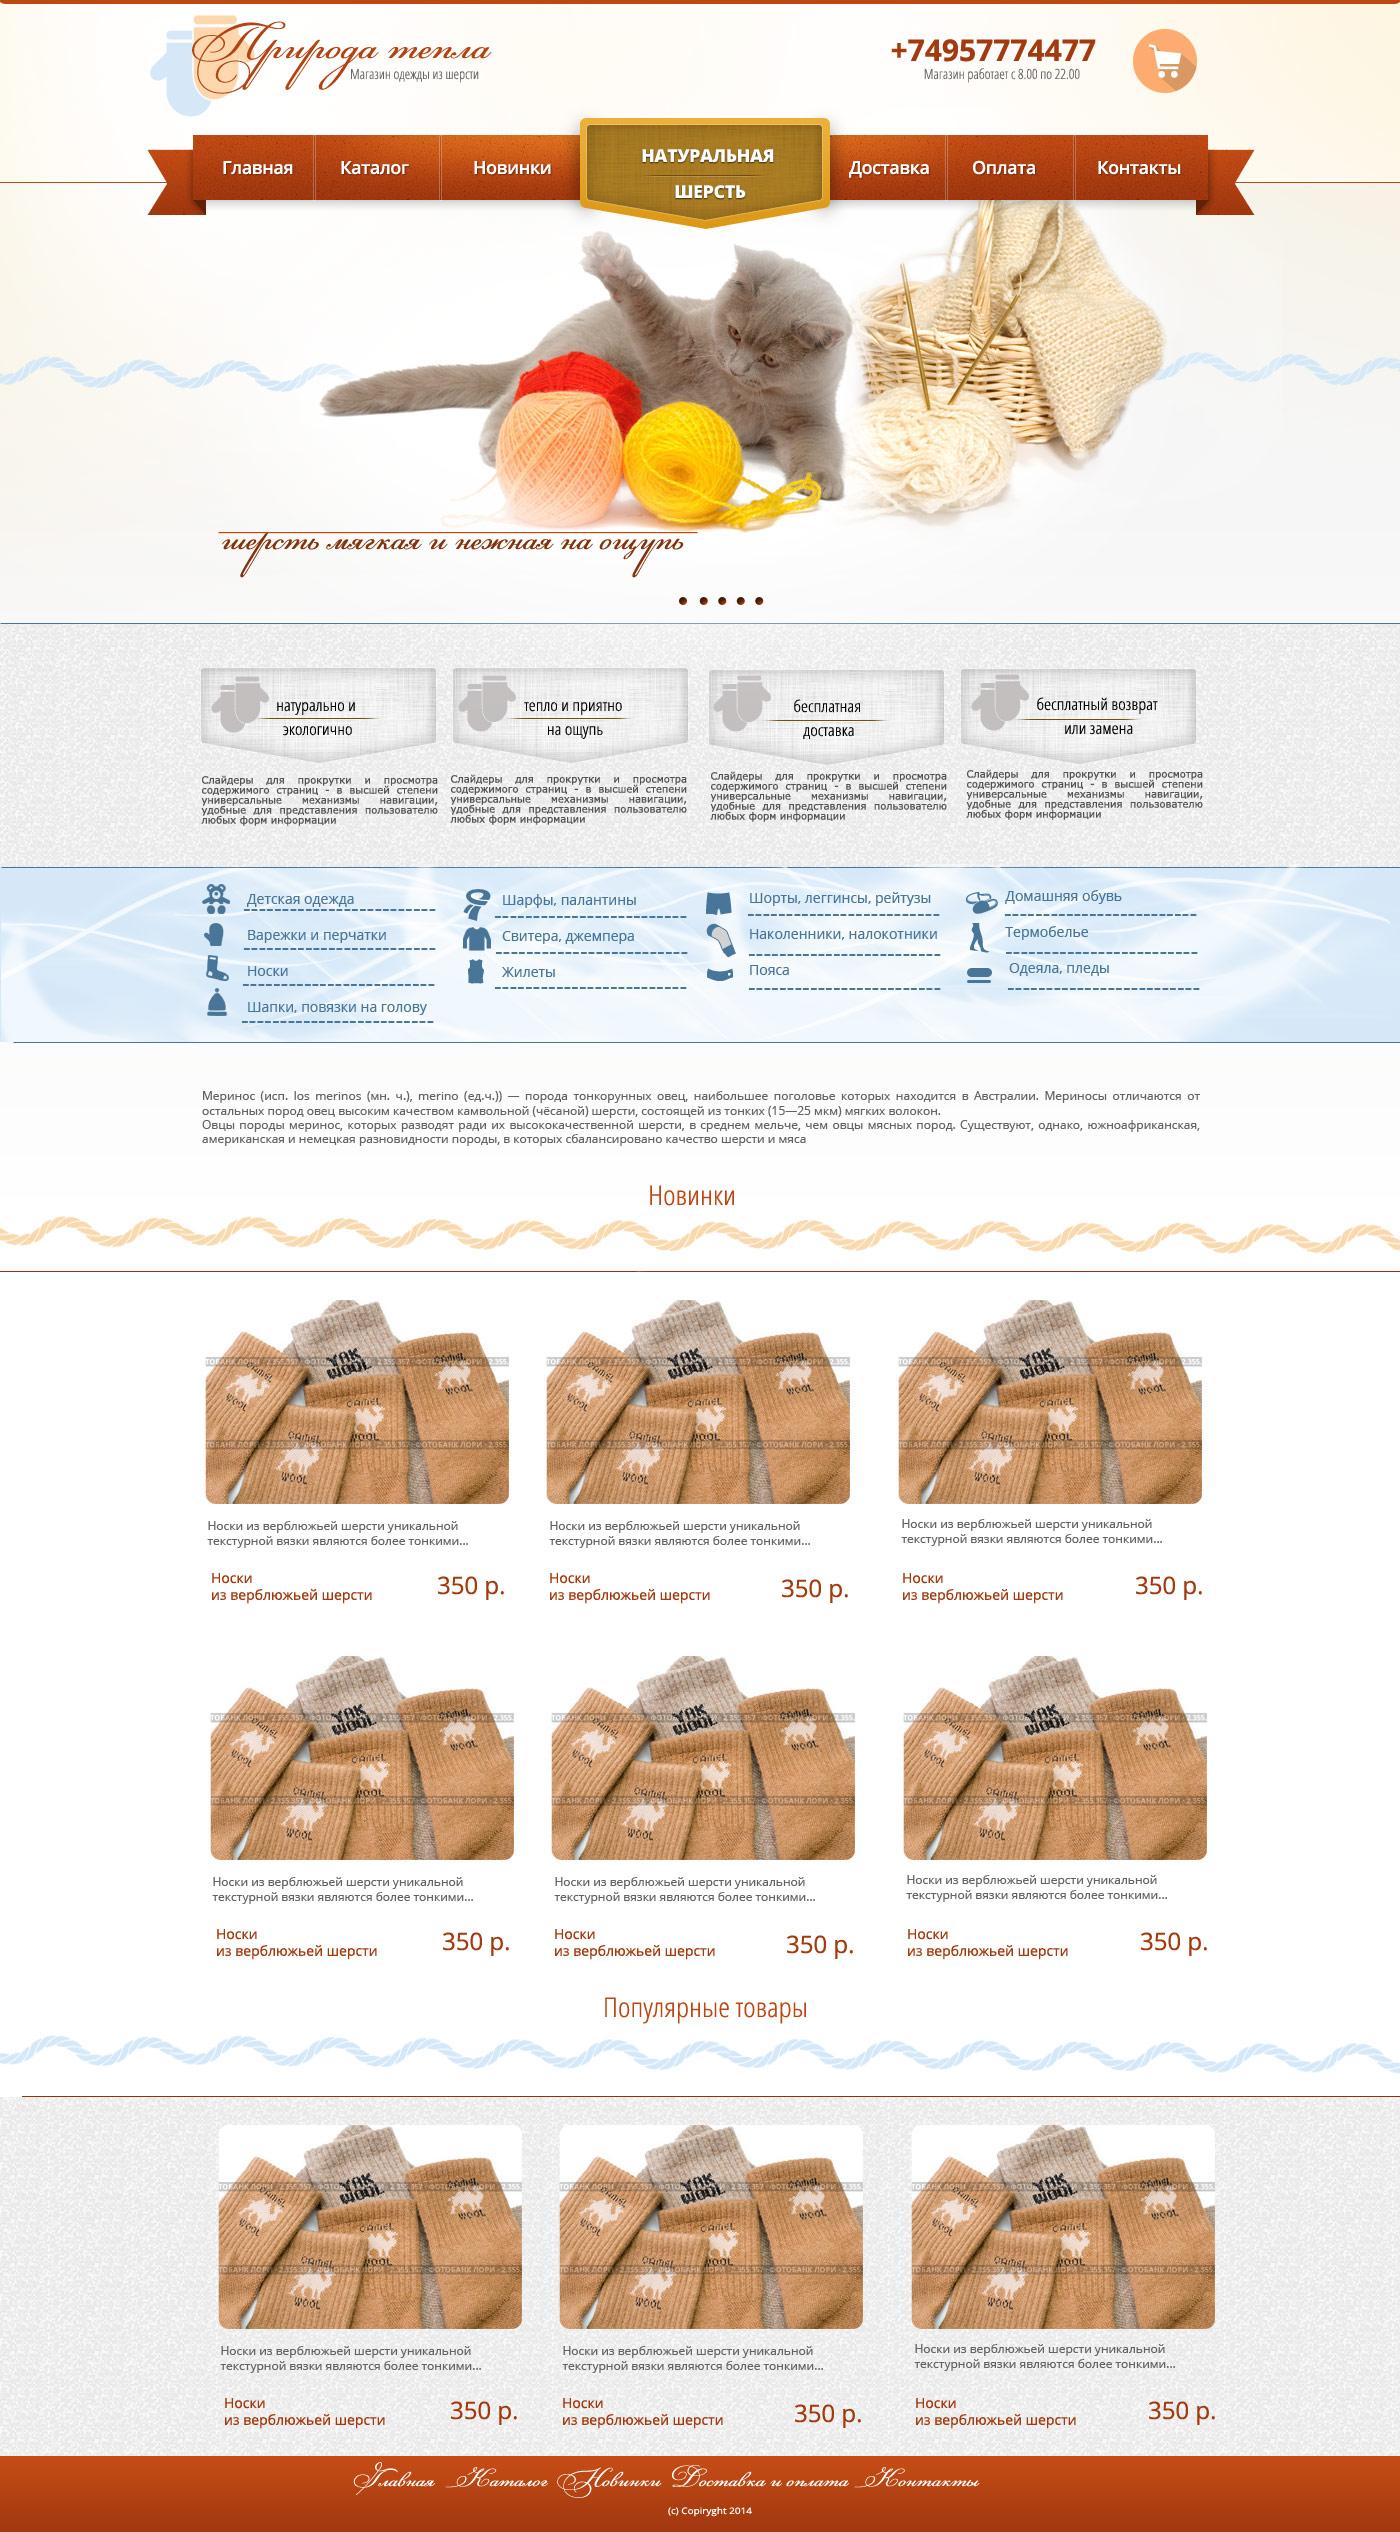 дизайн интернет-магазина одежды из шерсти